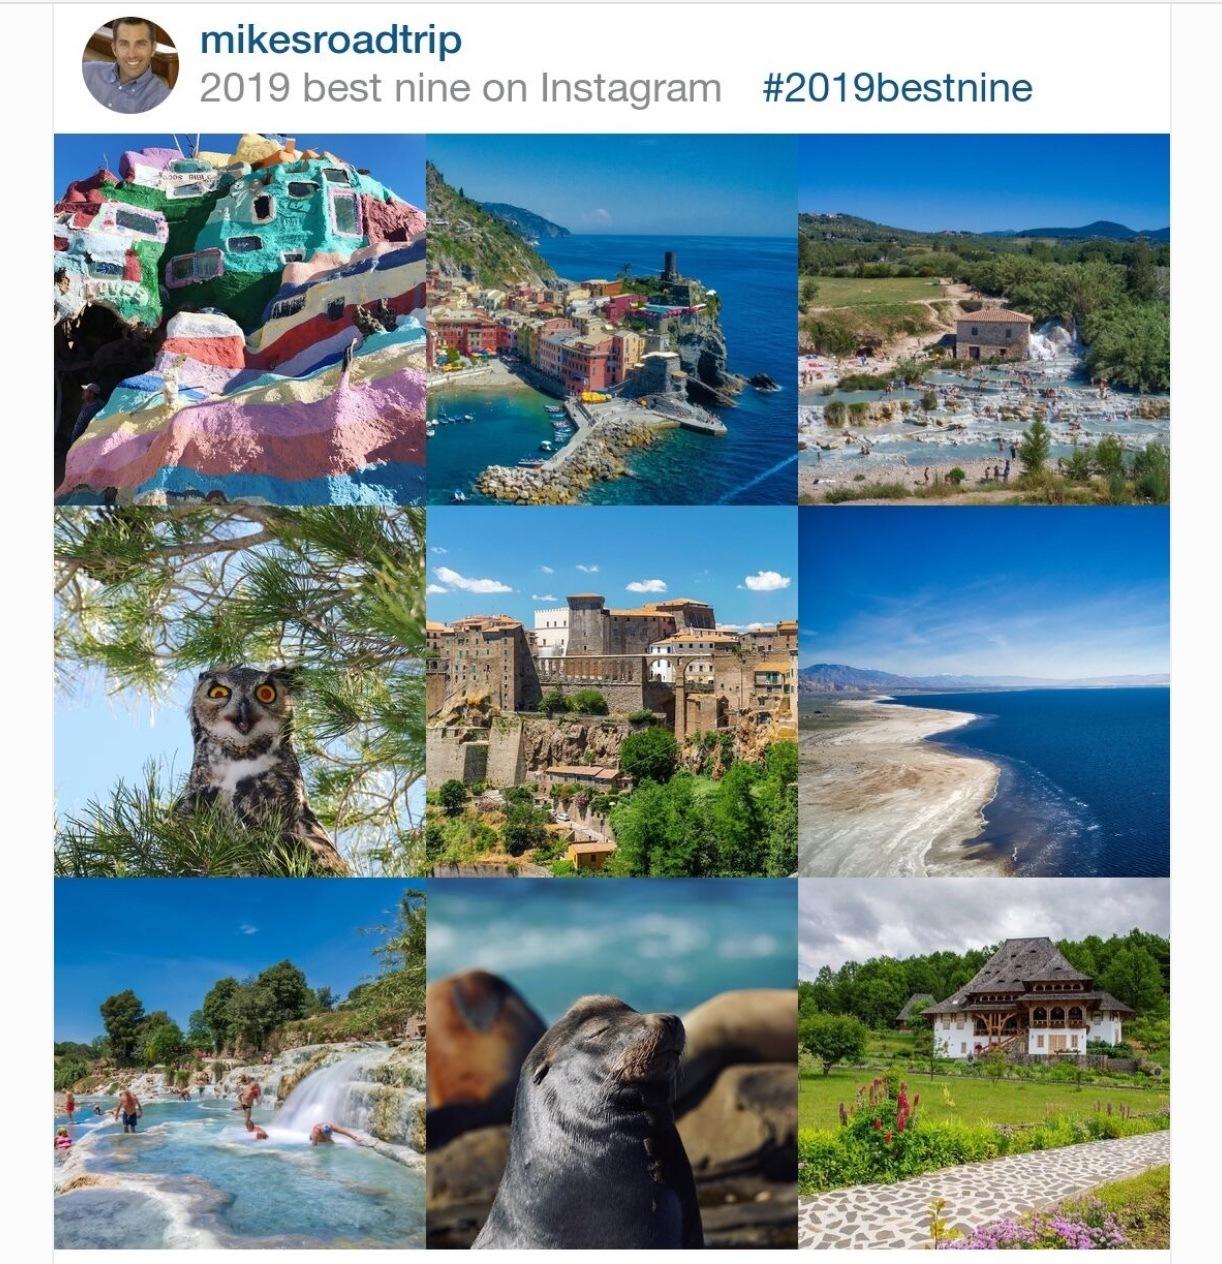 MikesRoadTrip Instagram best 9 for 2019